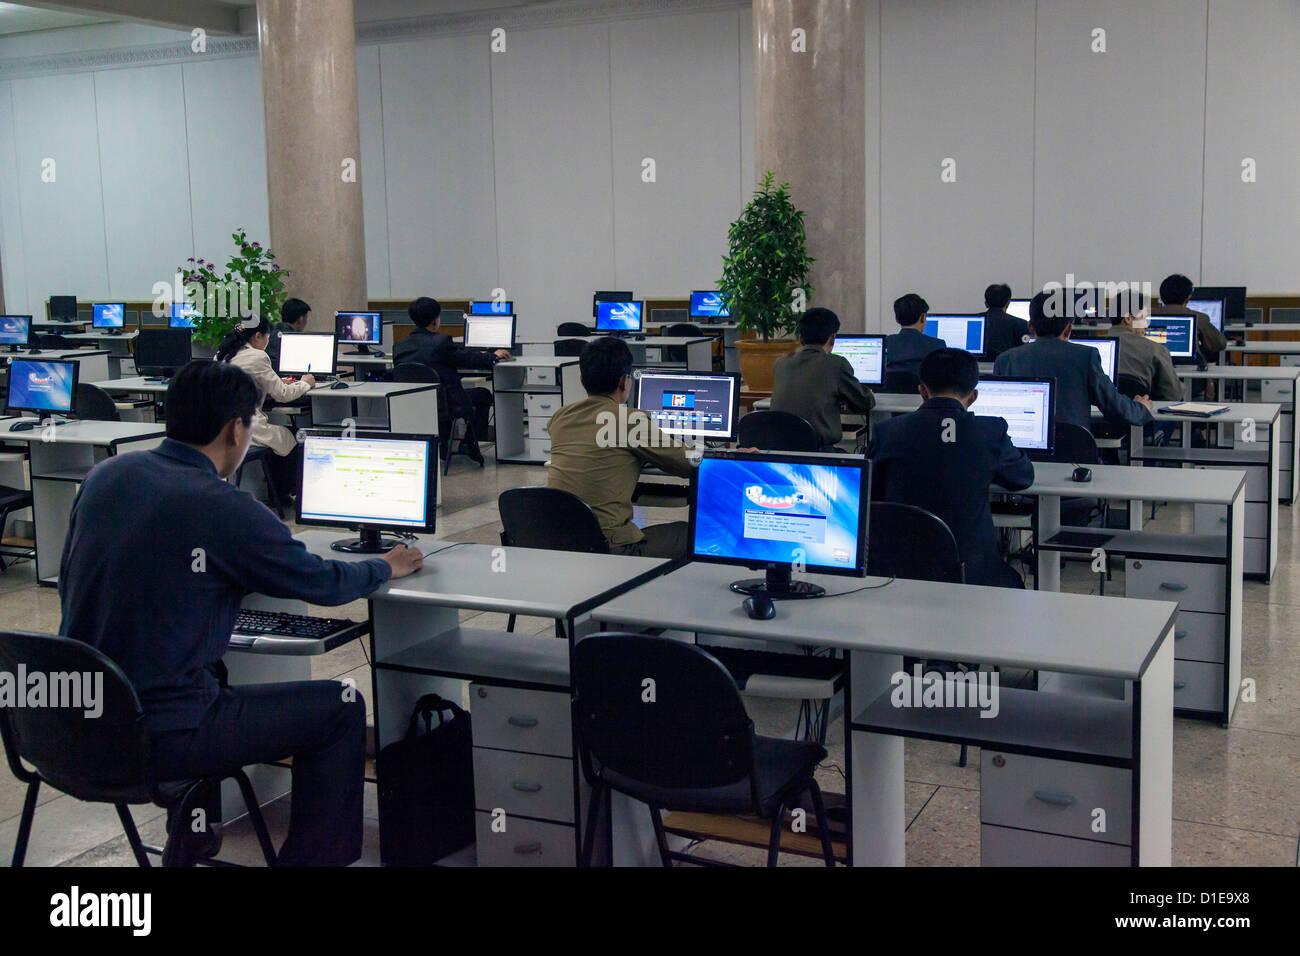 Große Menschen Study House, Computer Intranet Klassenzimmer, Pyongyang, Demokratische Volksrepublik Korea (DVRK), Stockbild